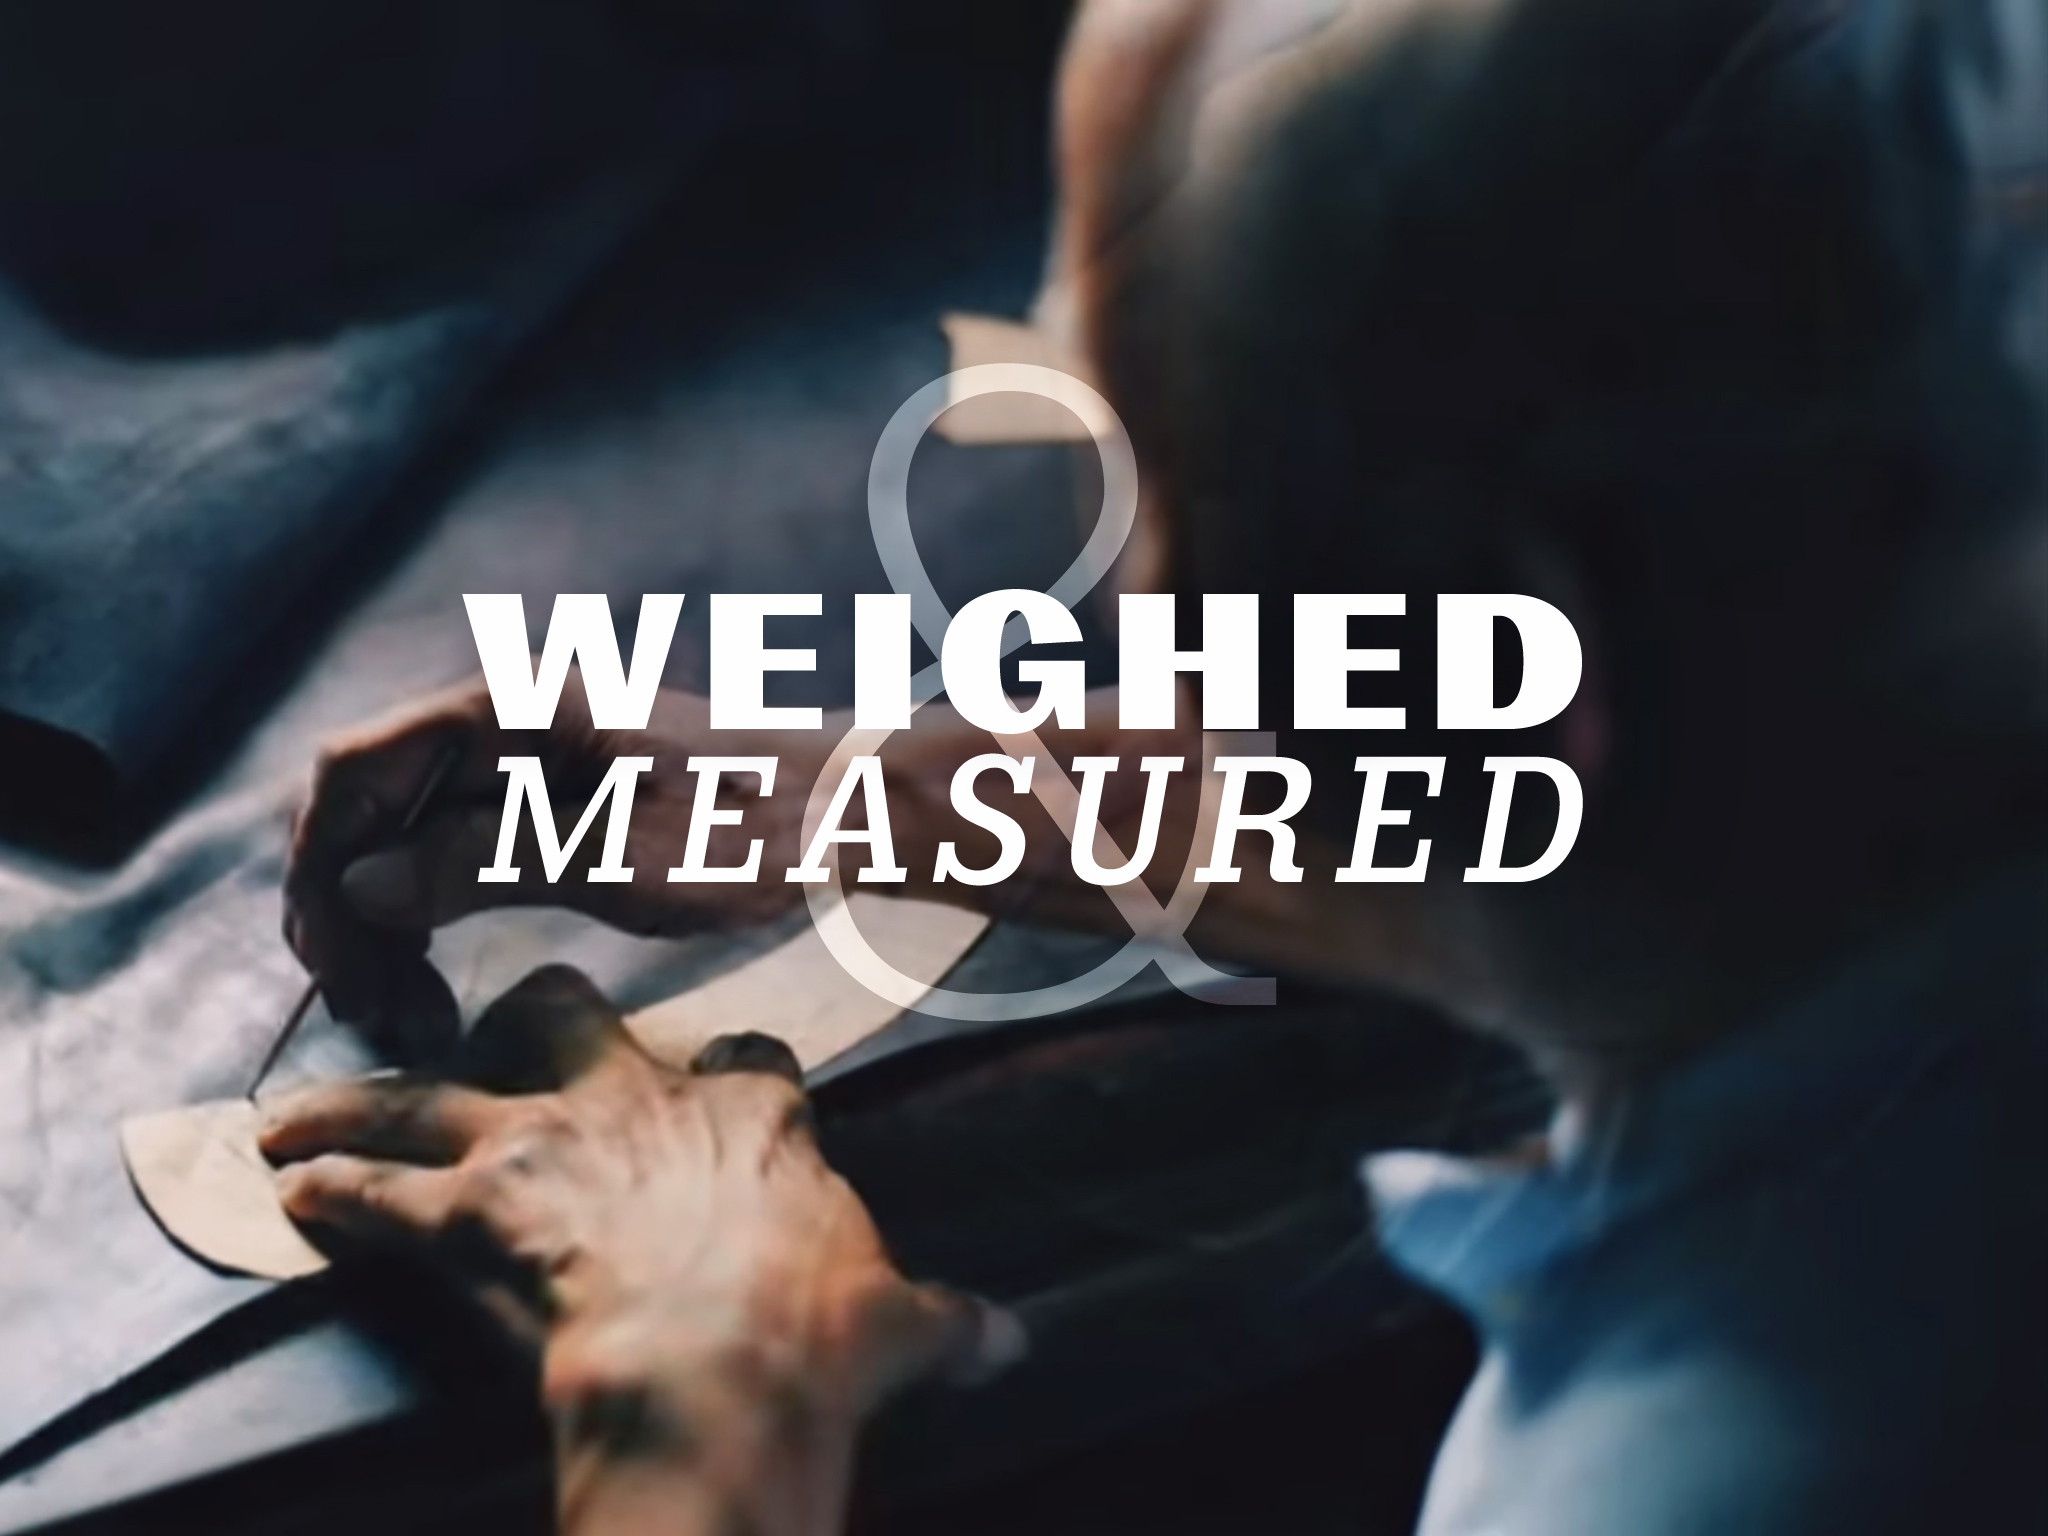 Weighed&Measured.jpg